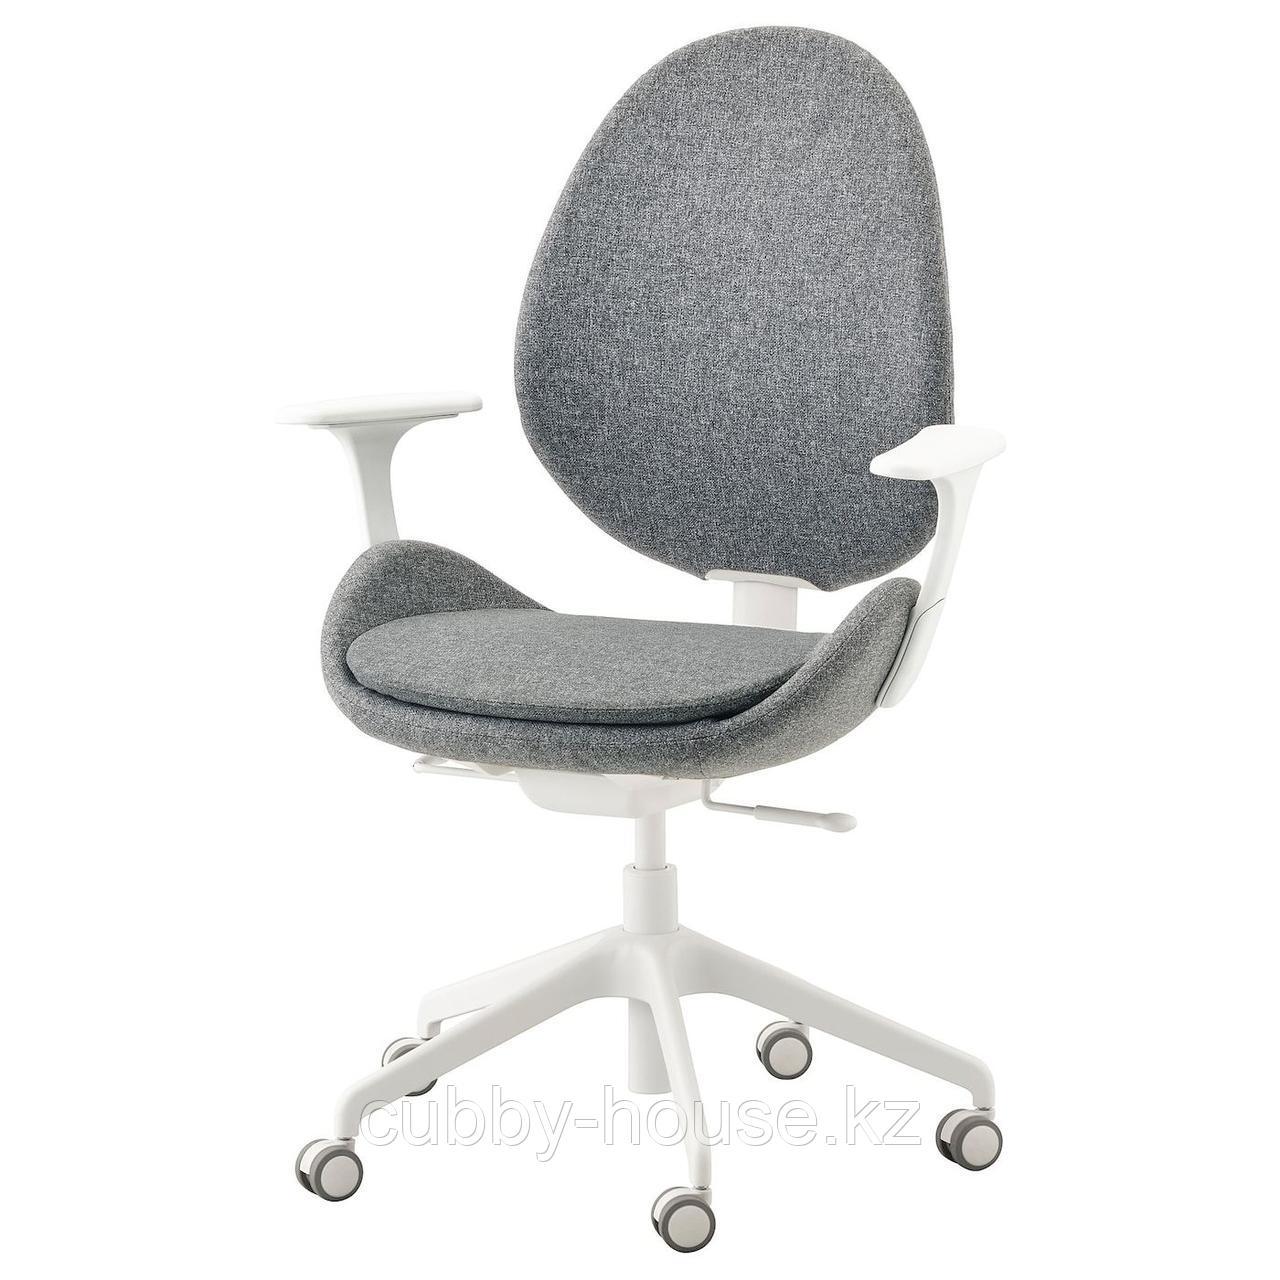 ХАТТЕФЬЕЛЛЬ Рабочий стул с подлокотниками, Гуннаред классический серый, белый